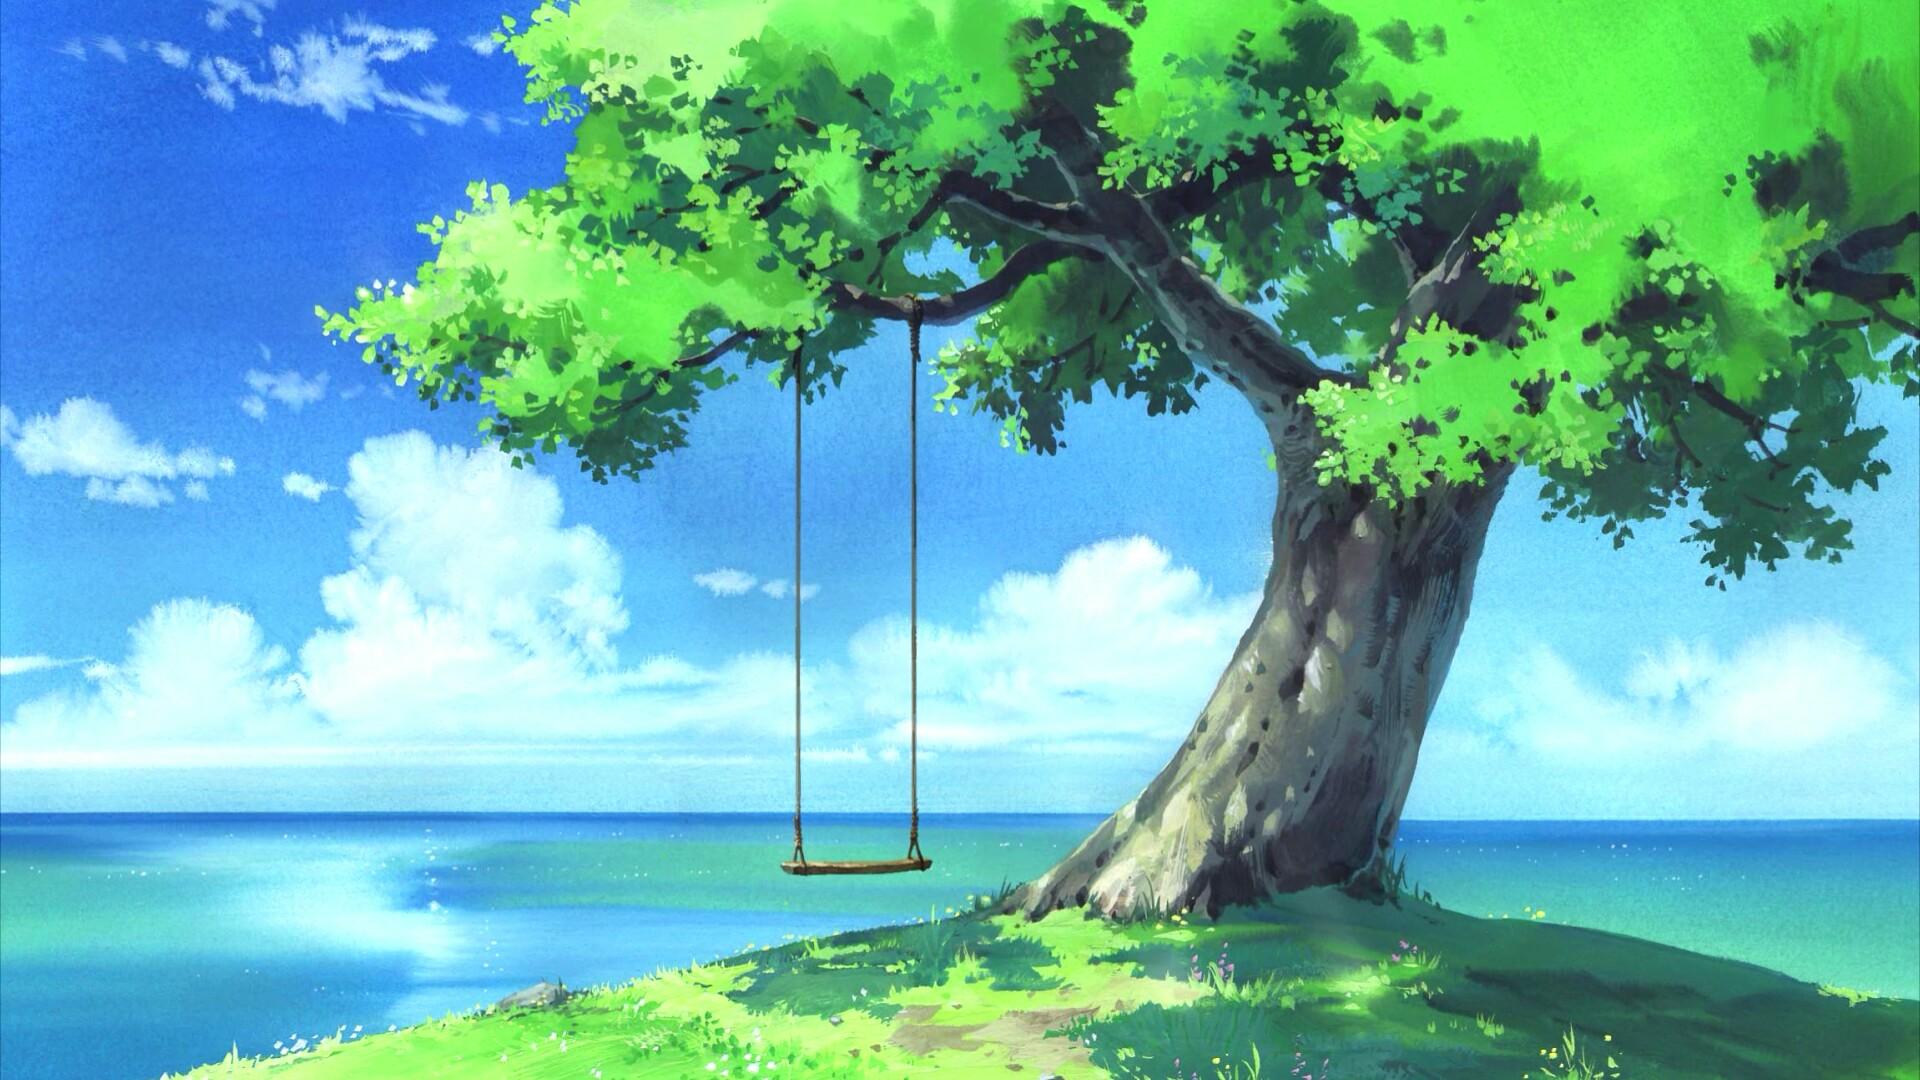 Anime landscape HD wallpaper - backiee